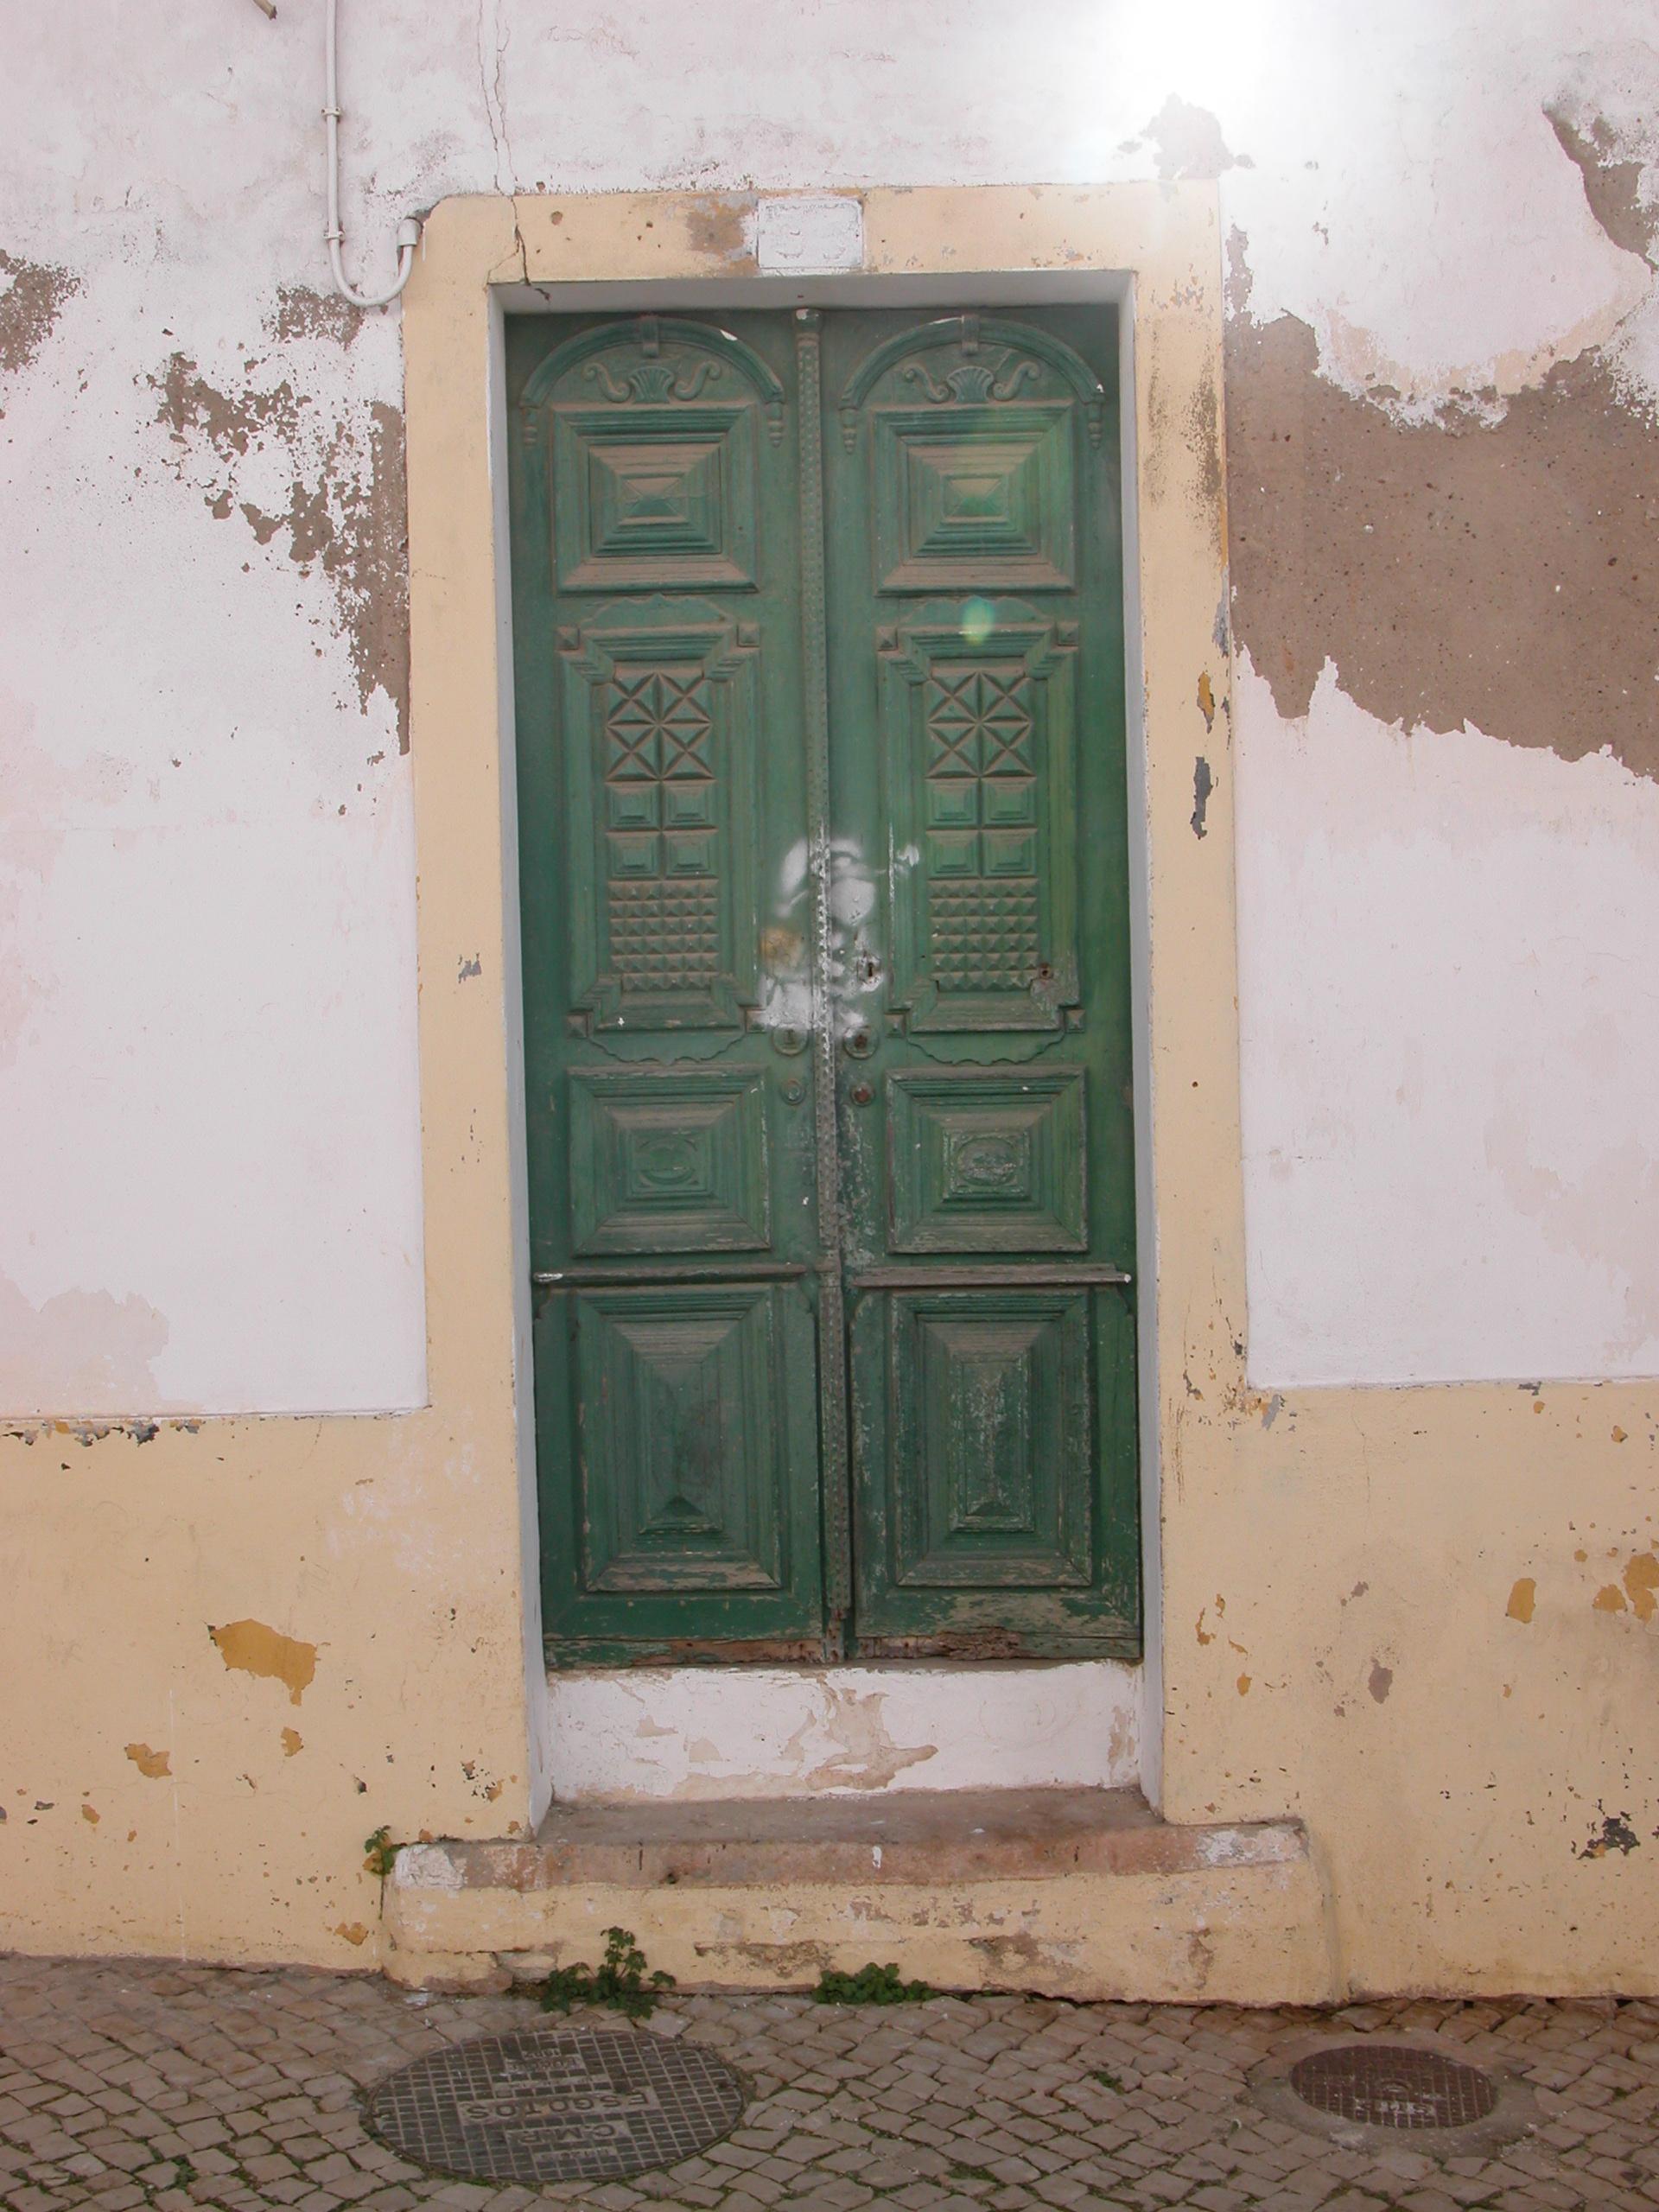 door in old wall plaster